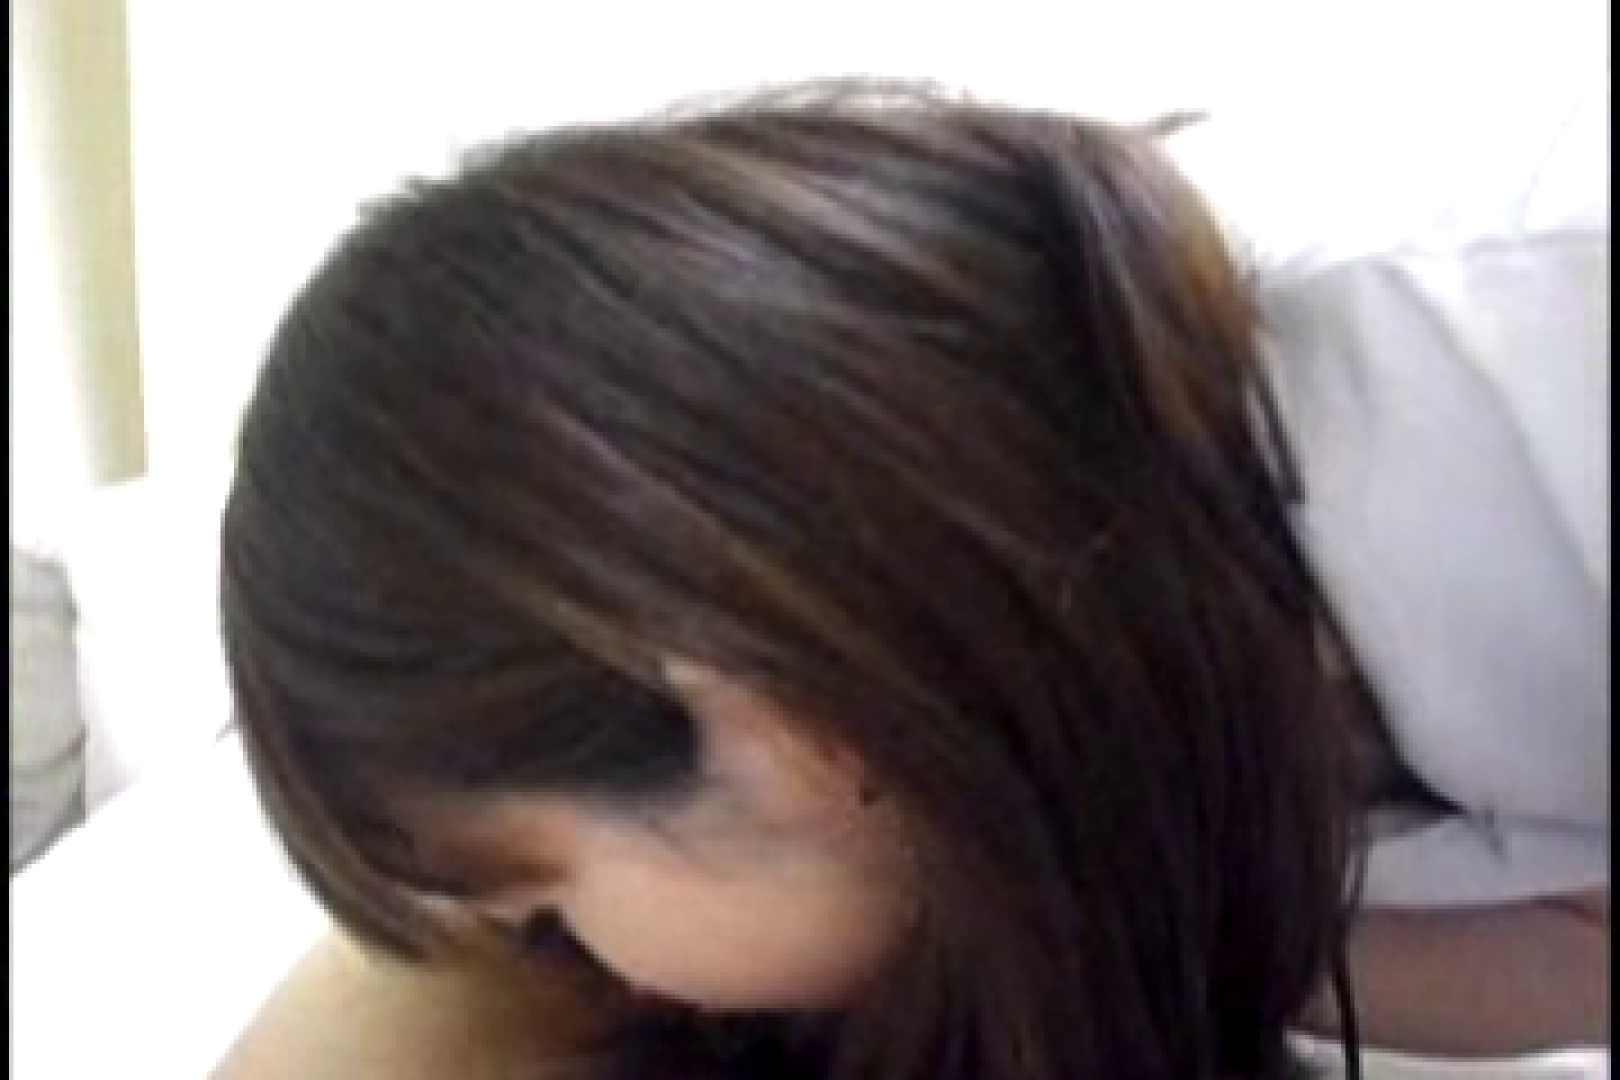 ヤリマンと呼ばれた看護士さんvol1 一般投稿 戯れ無修正画像 112pic 83